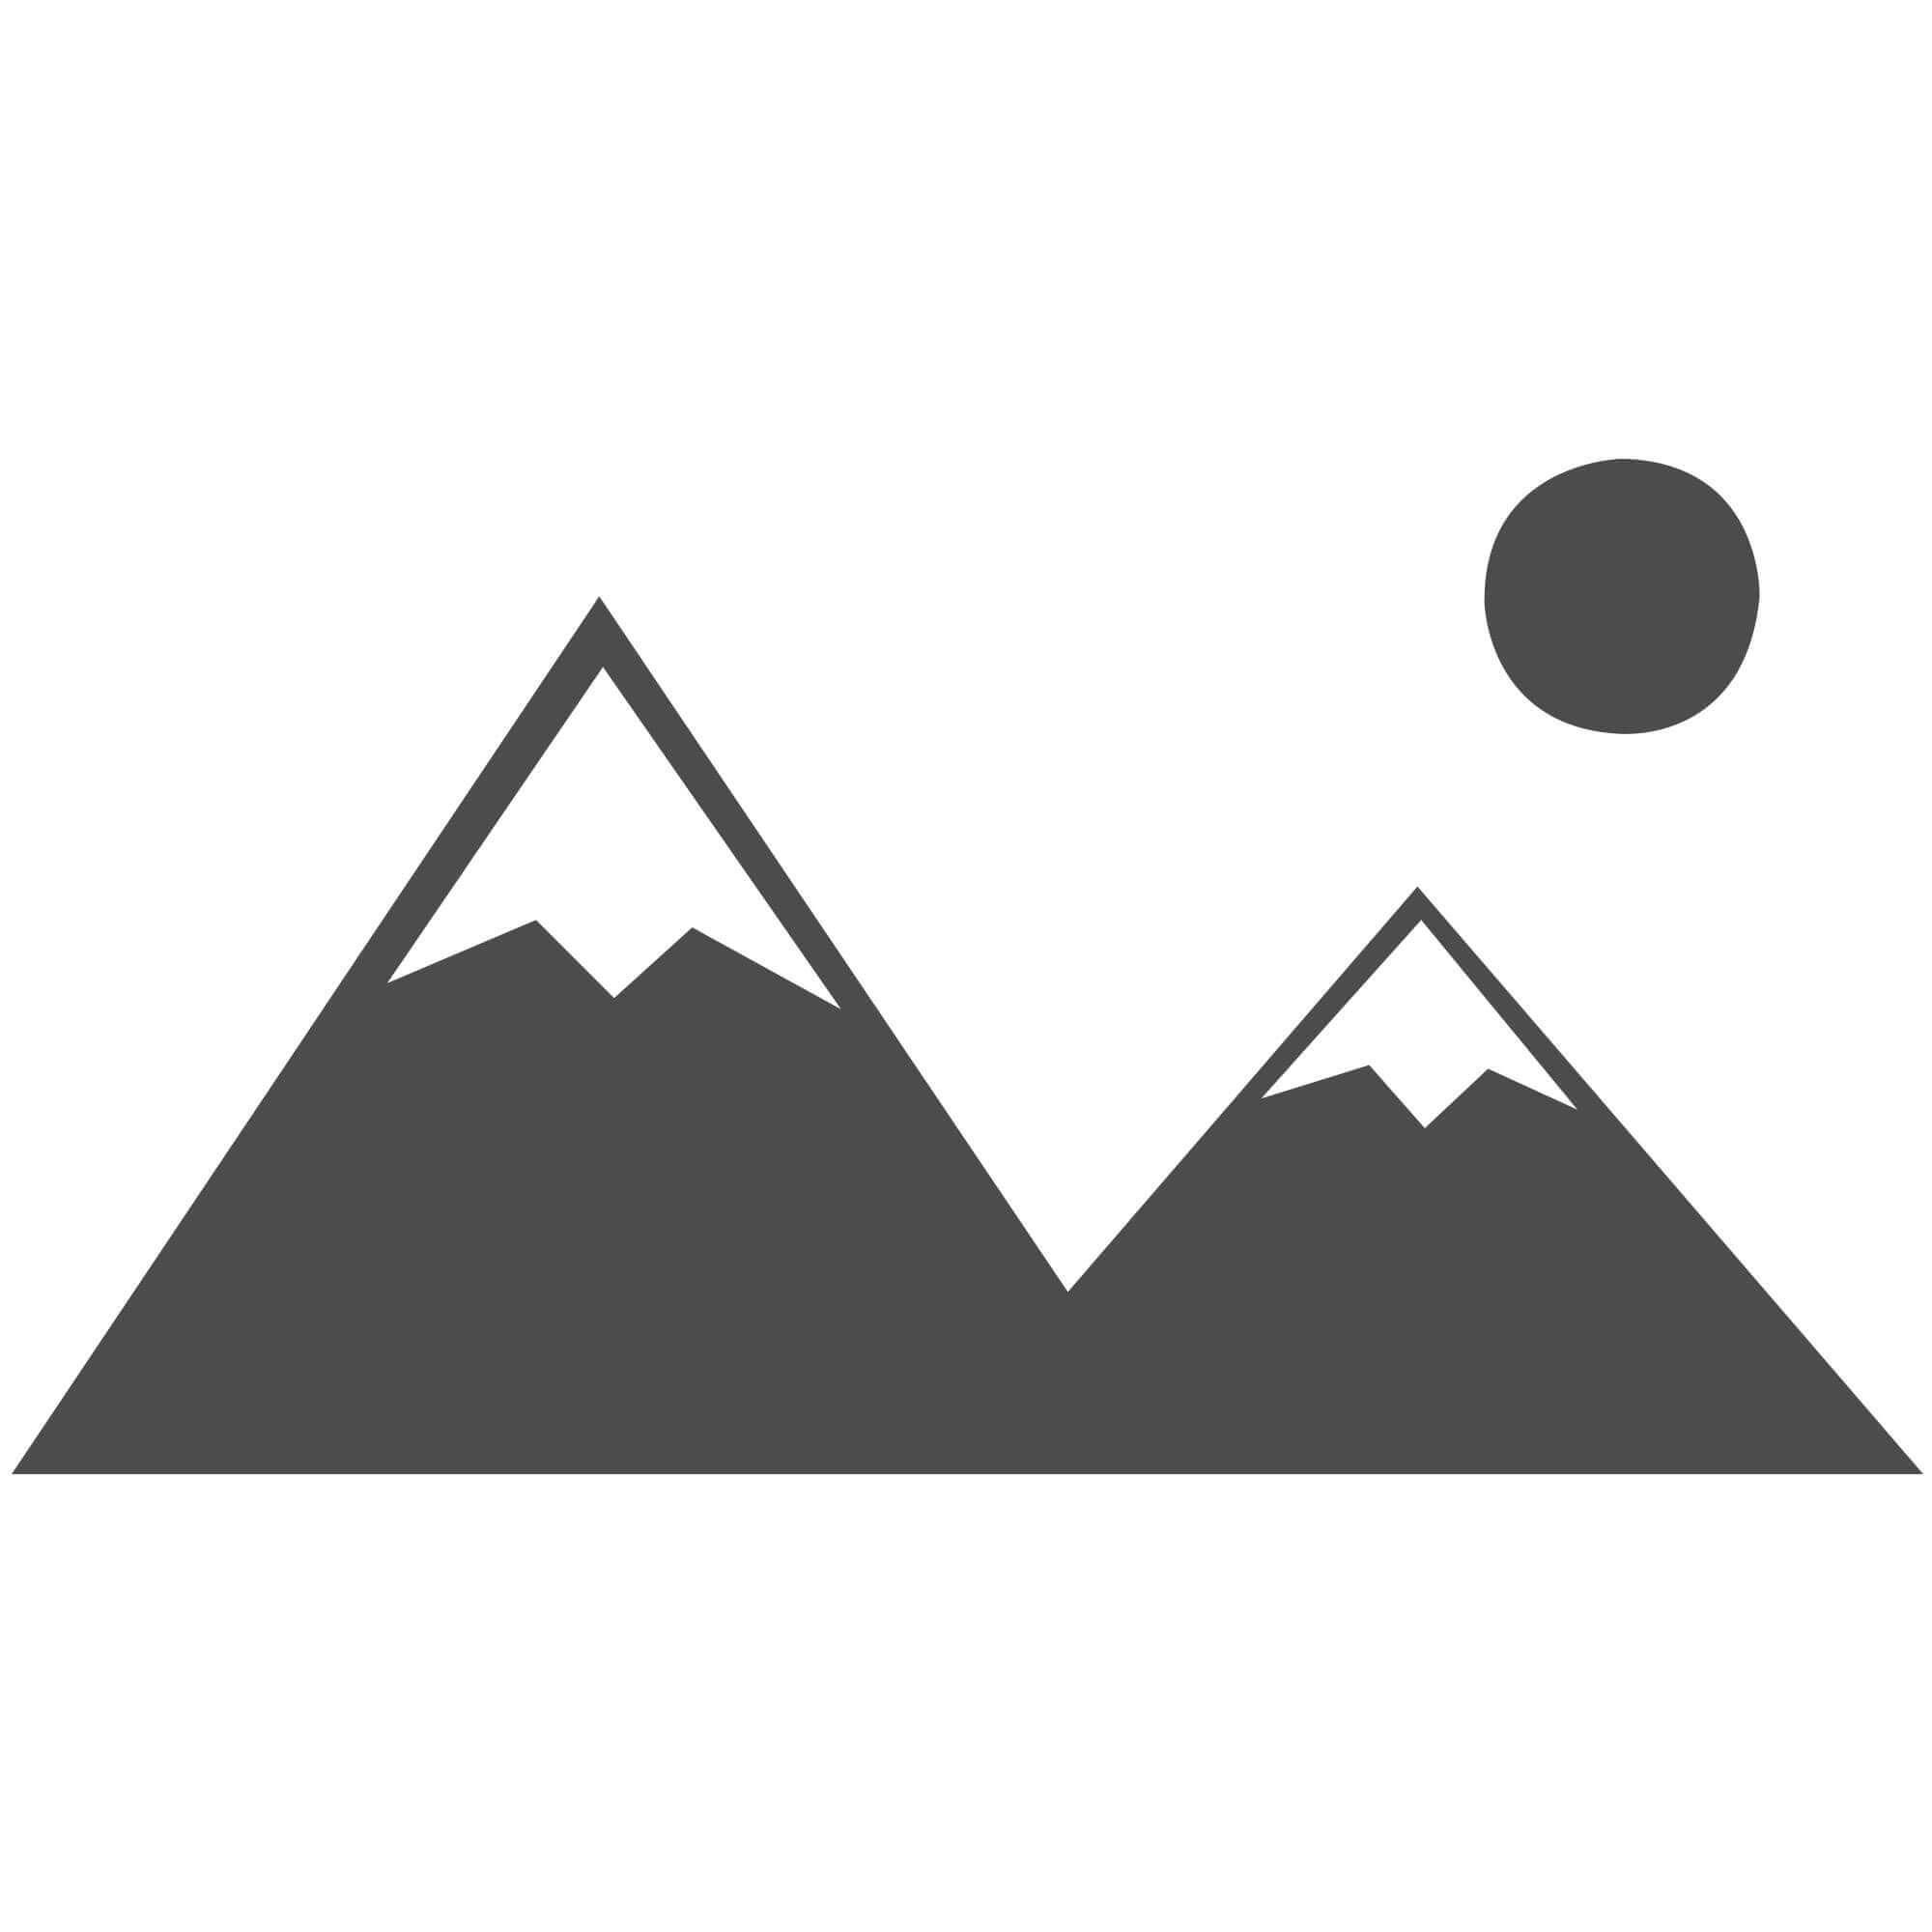 """Galleria Rug - Square 63244 2626 - Size 80 x 150 cm (2'8"""" x 5')"""